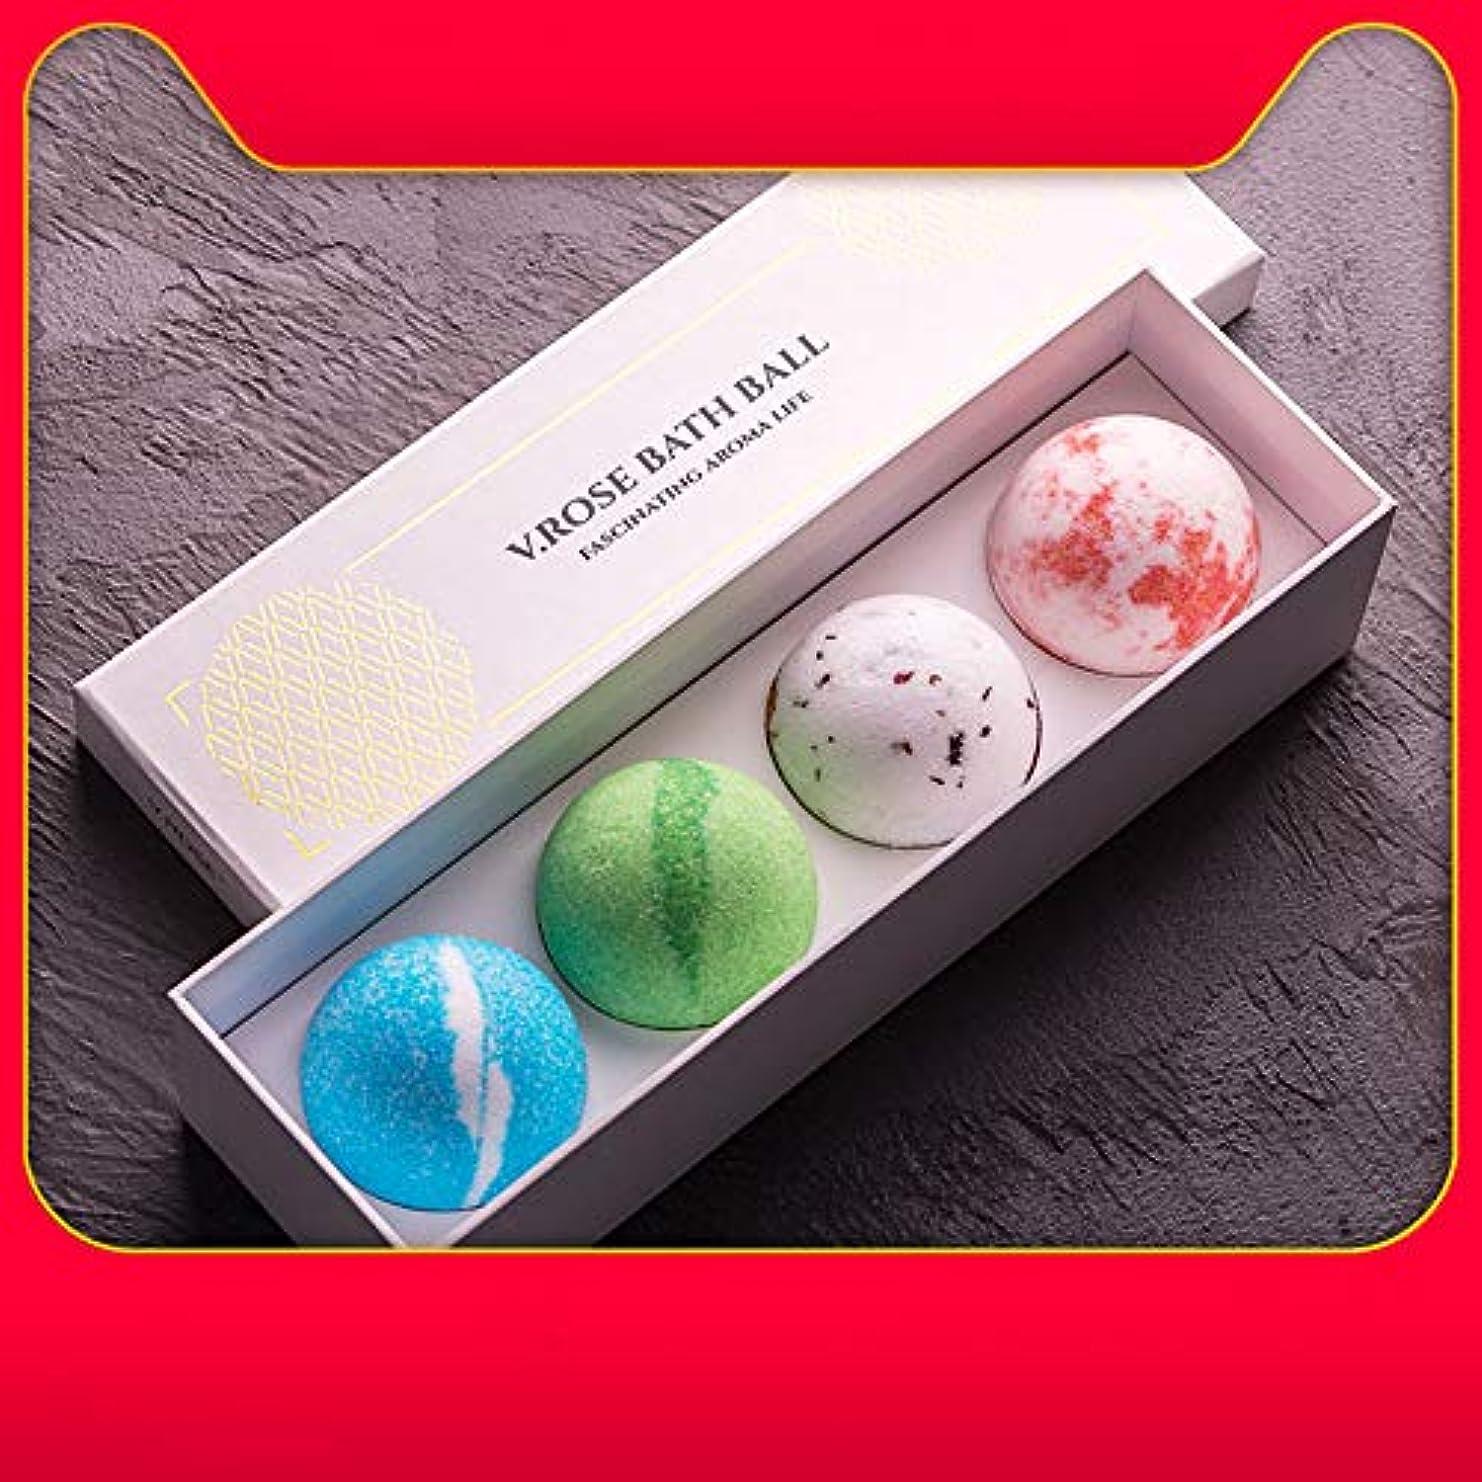 幾何学男やもめチャーミングバスボム 炭酸 入浴剤 ギフト 手作り お風呂用 4つの香りキット 天然素材 カラフル バスボール 母の日 結婚記念日 プレゼント